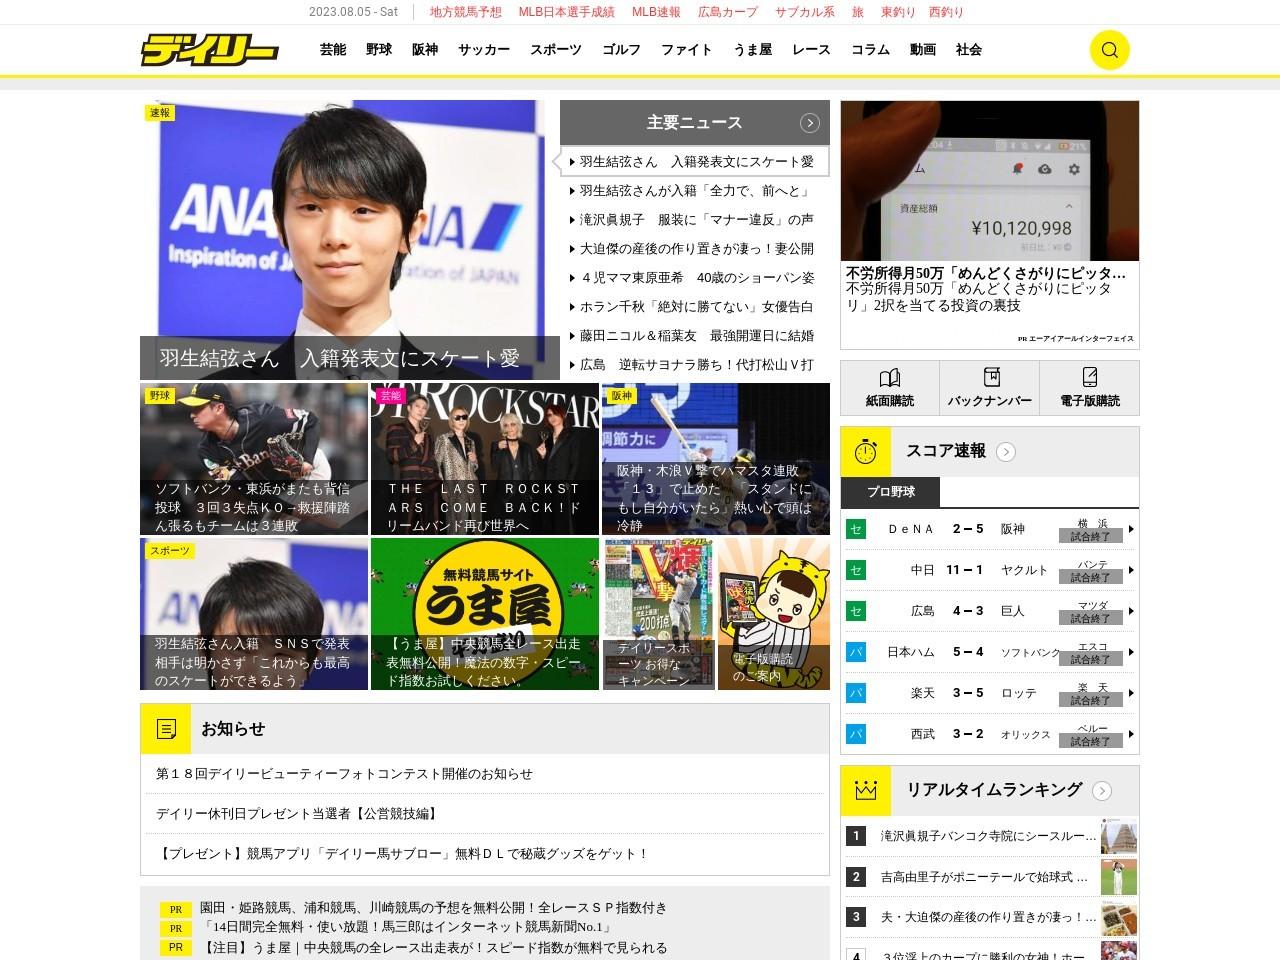 宇野昌磨 北京五輪イヤーの勝負曲、フリーは「ボレロ」「内容はかなりハード」